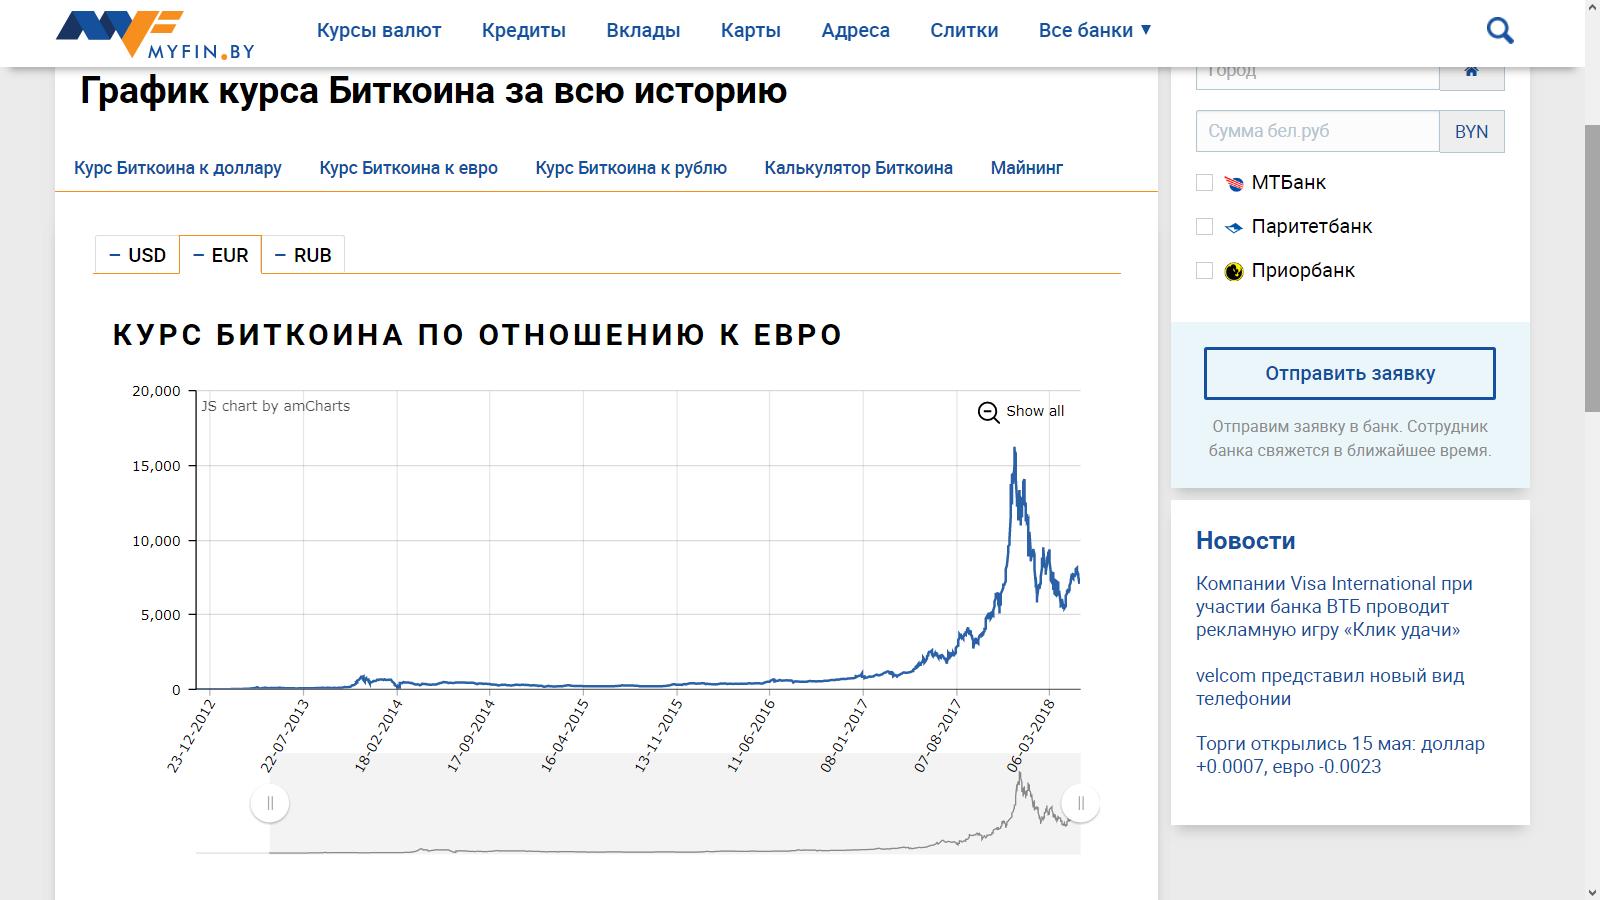 Курс биткоина в евро за все время